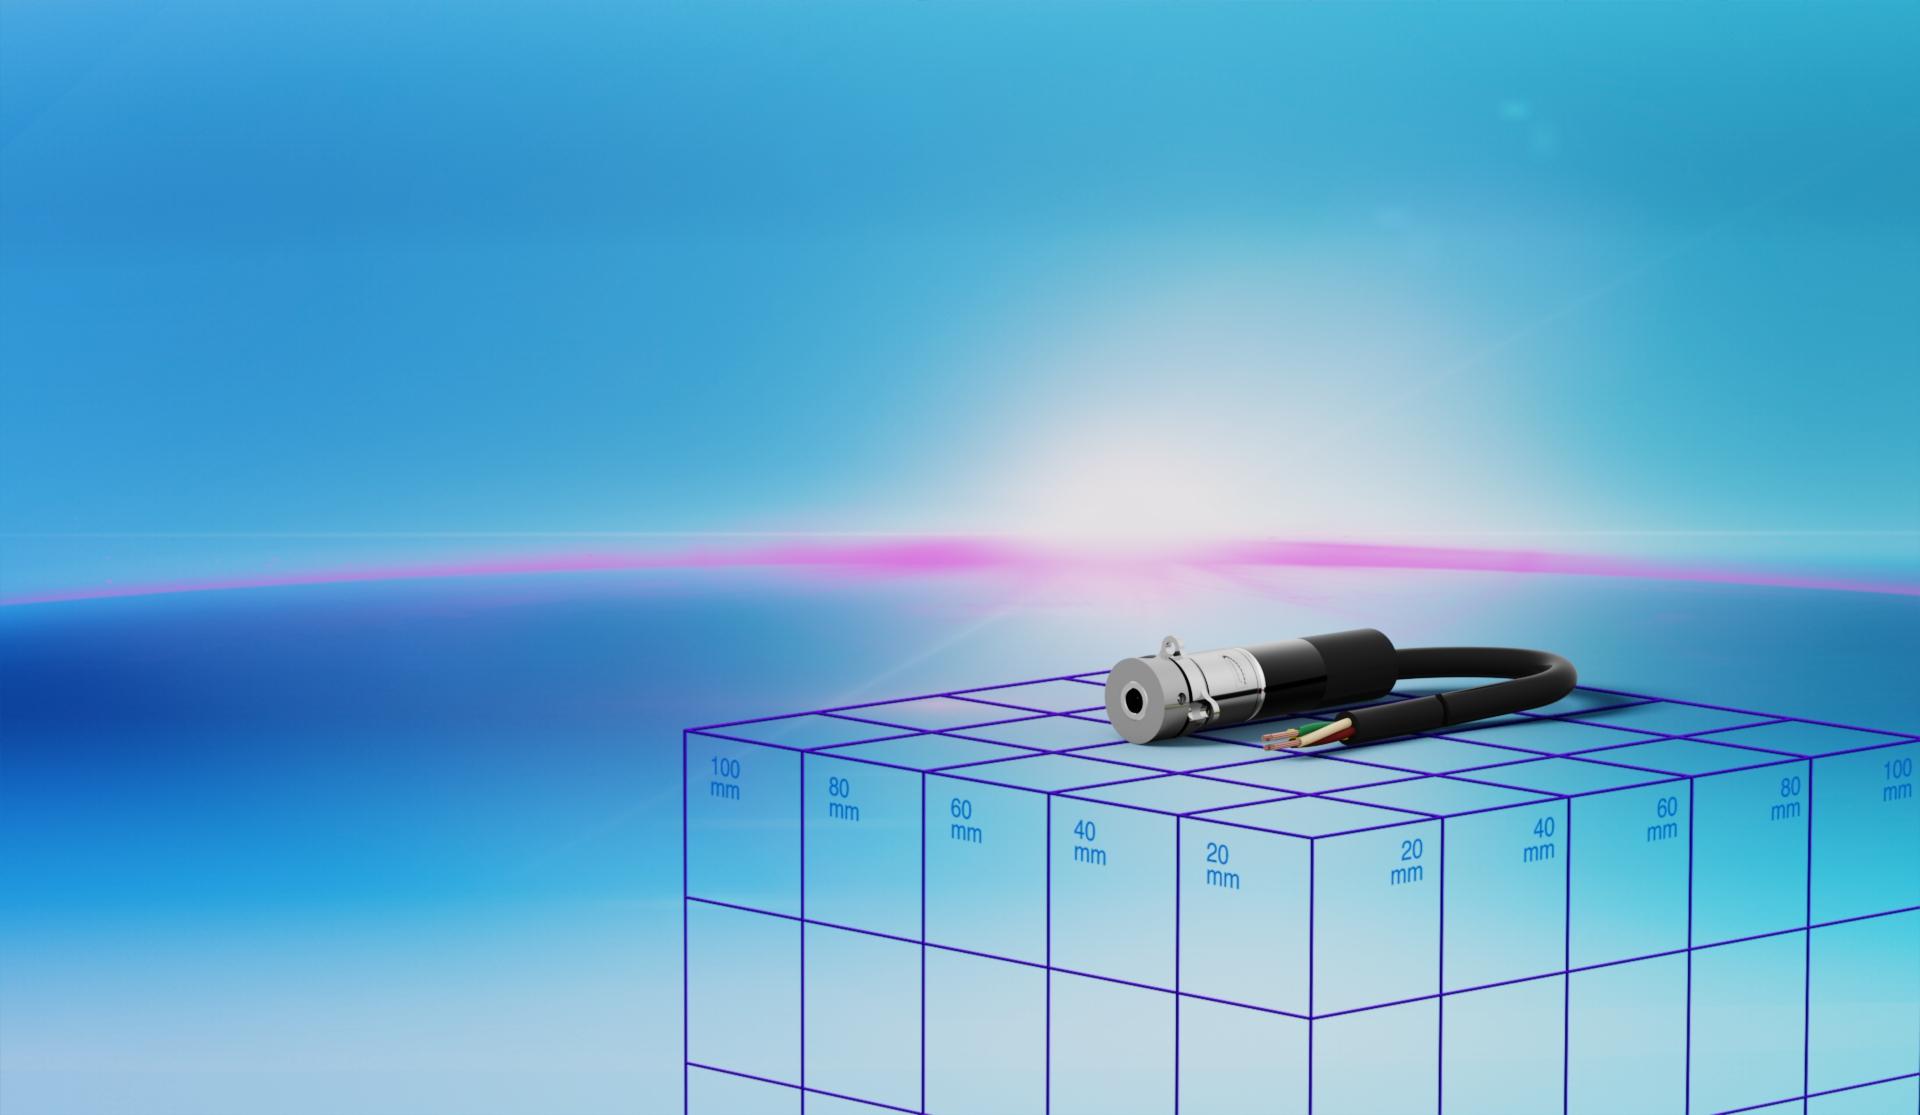 coogradrive toolfit 10mm type 2 micromotion. Black Bedroom Furniture Sets. Home Design Ideas